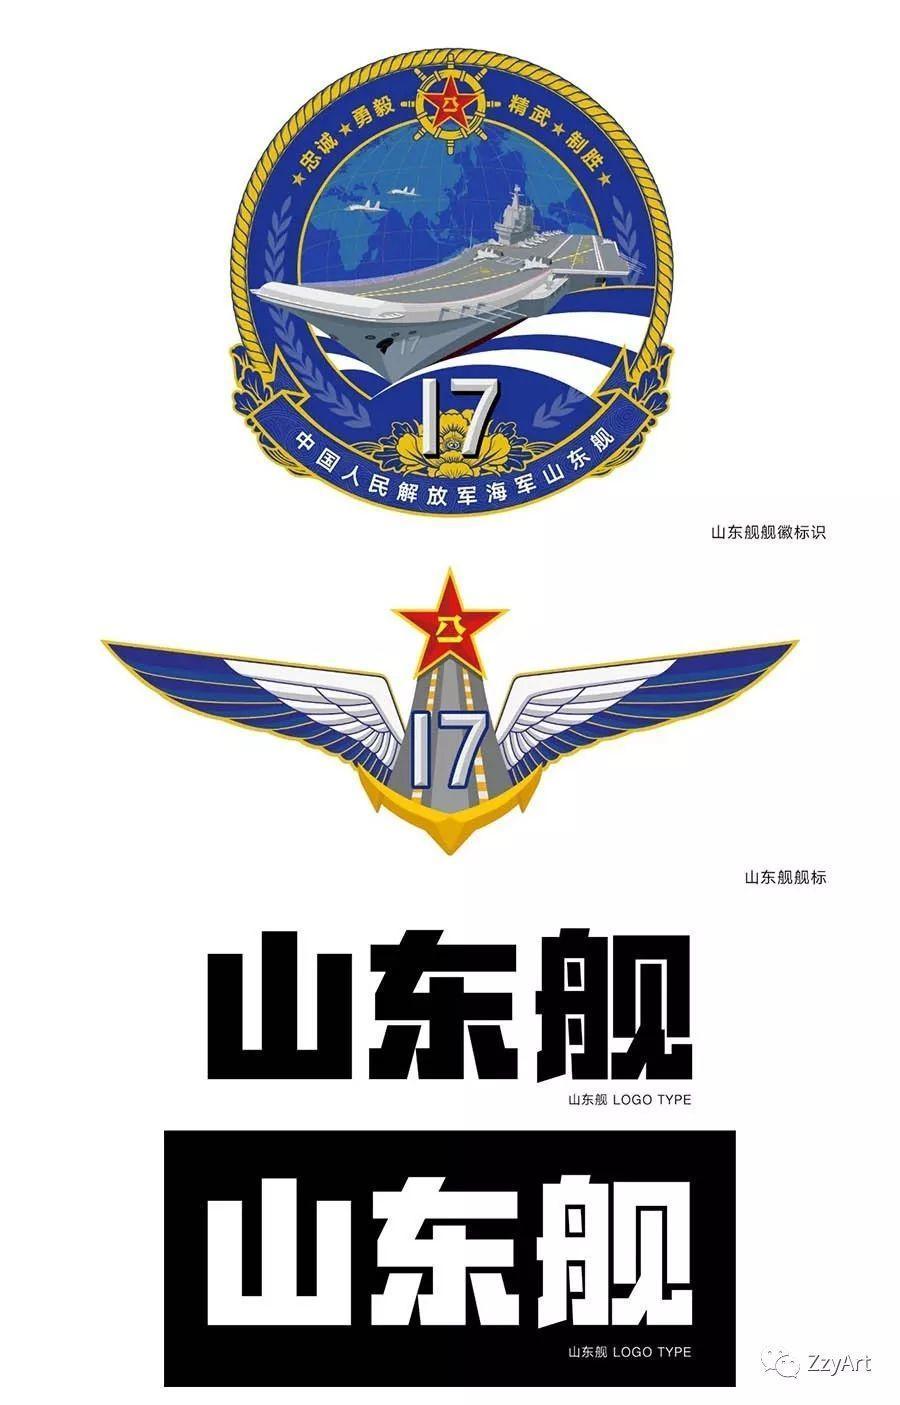 山东舰官方入列插画海报(插画内含彩蛋)